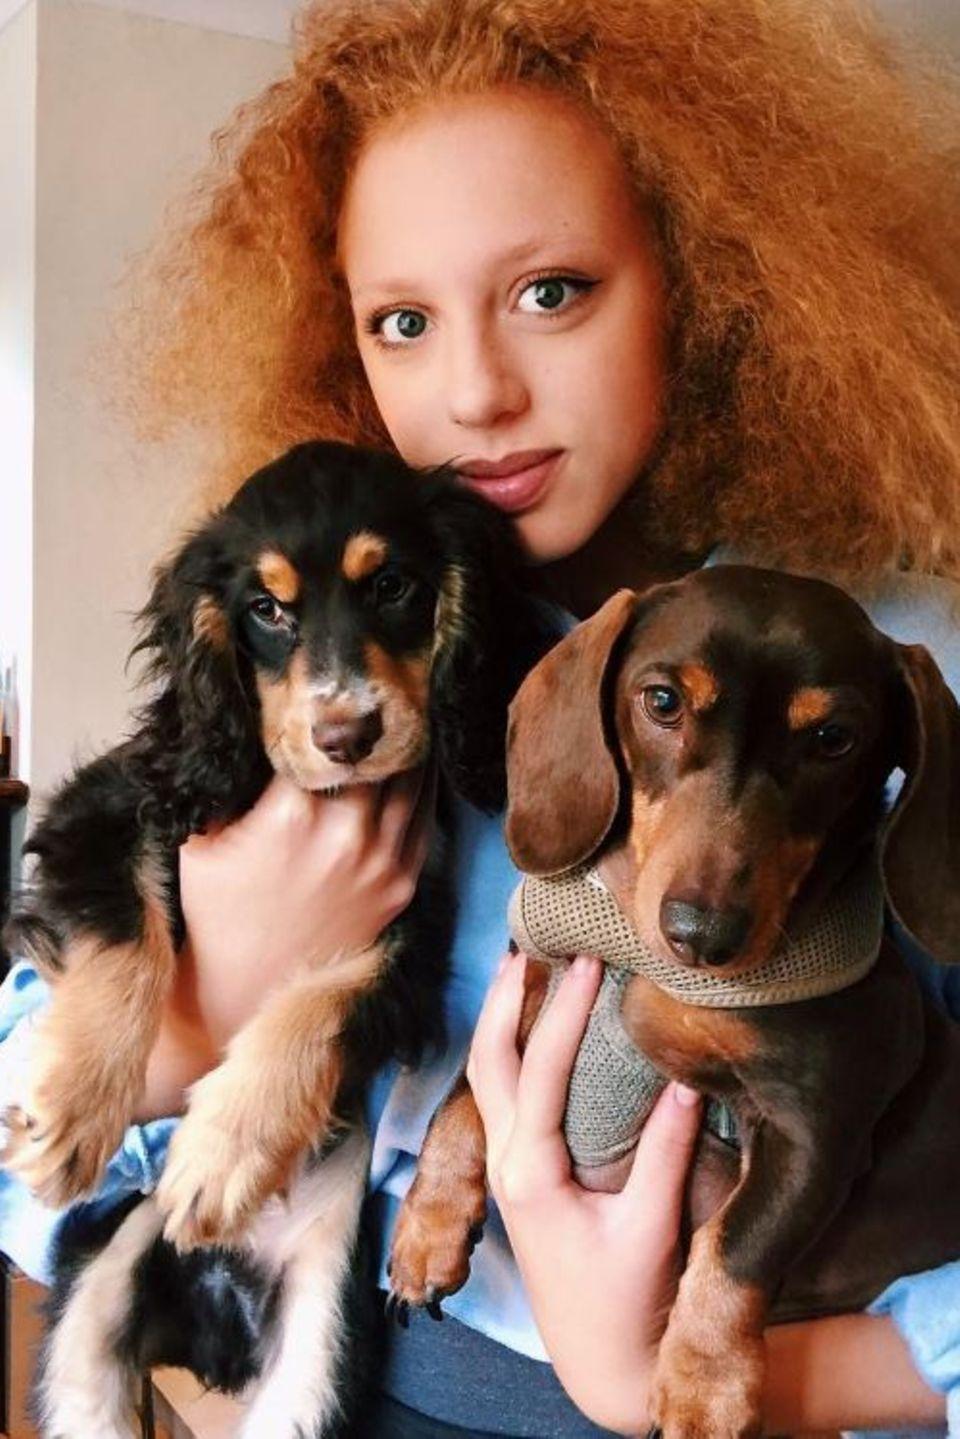 """""""Stolze Patentante"""", postet Anna Ermakova. Gemeint sind damit wohl die süßen Vierbeiner, die das Model auf dem Foto vorstellt. Die Tochter von Boris Becker hat die Hunde bereits tief ins Herz geschlossen, wie das Bild zeigt."""